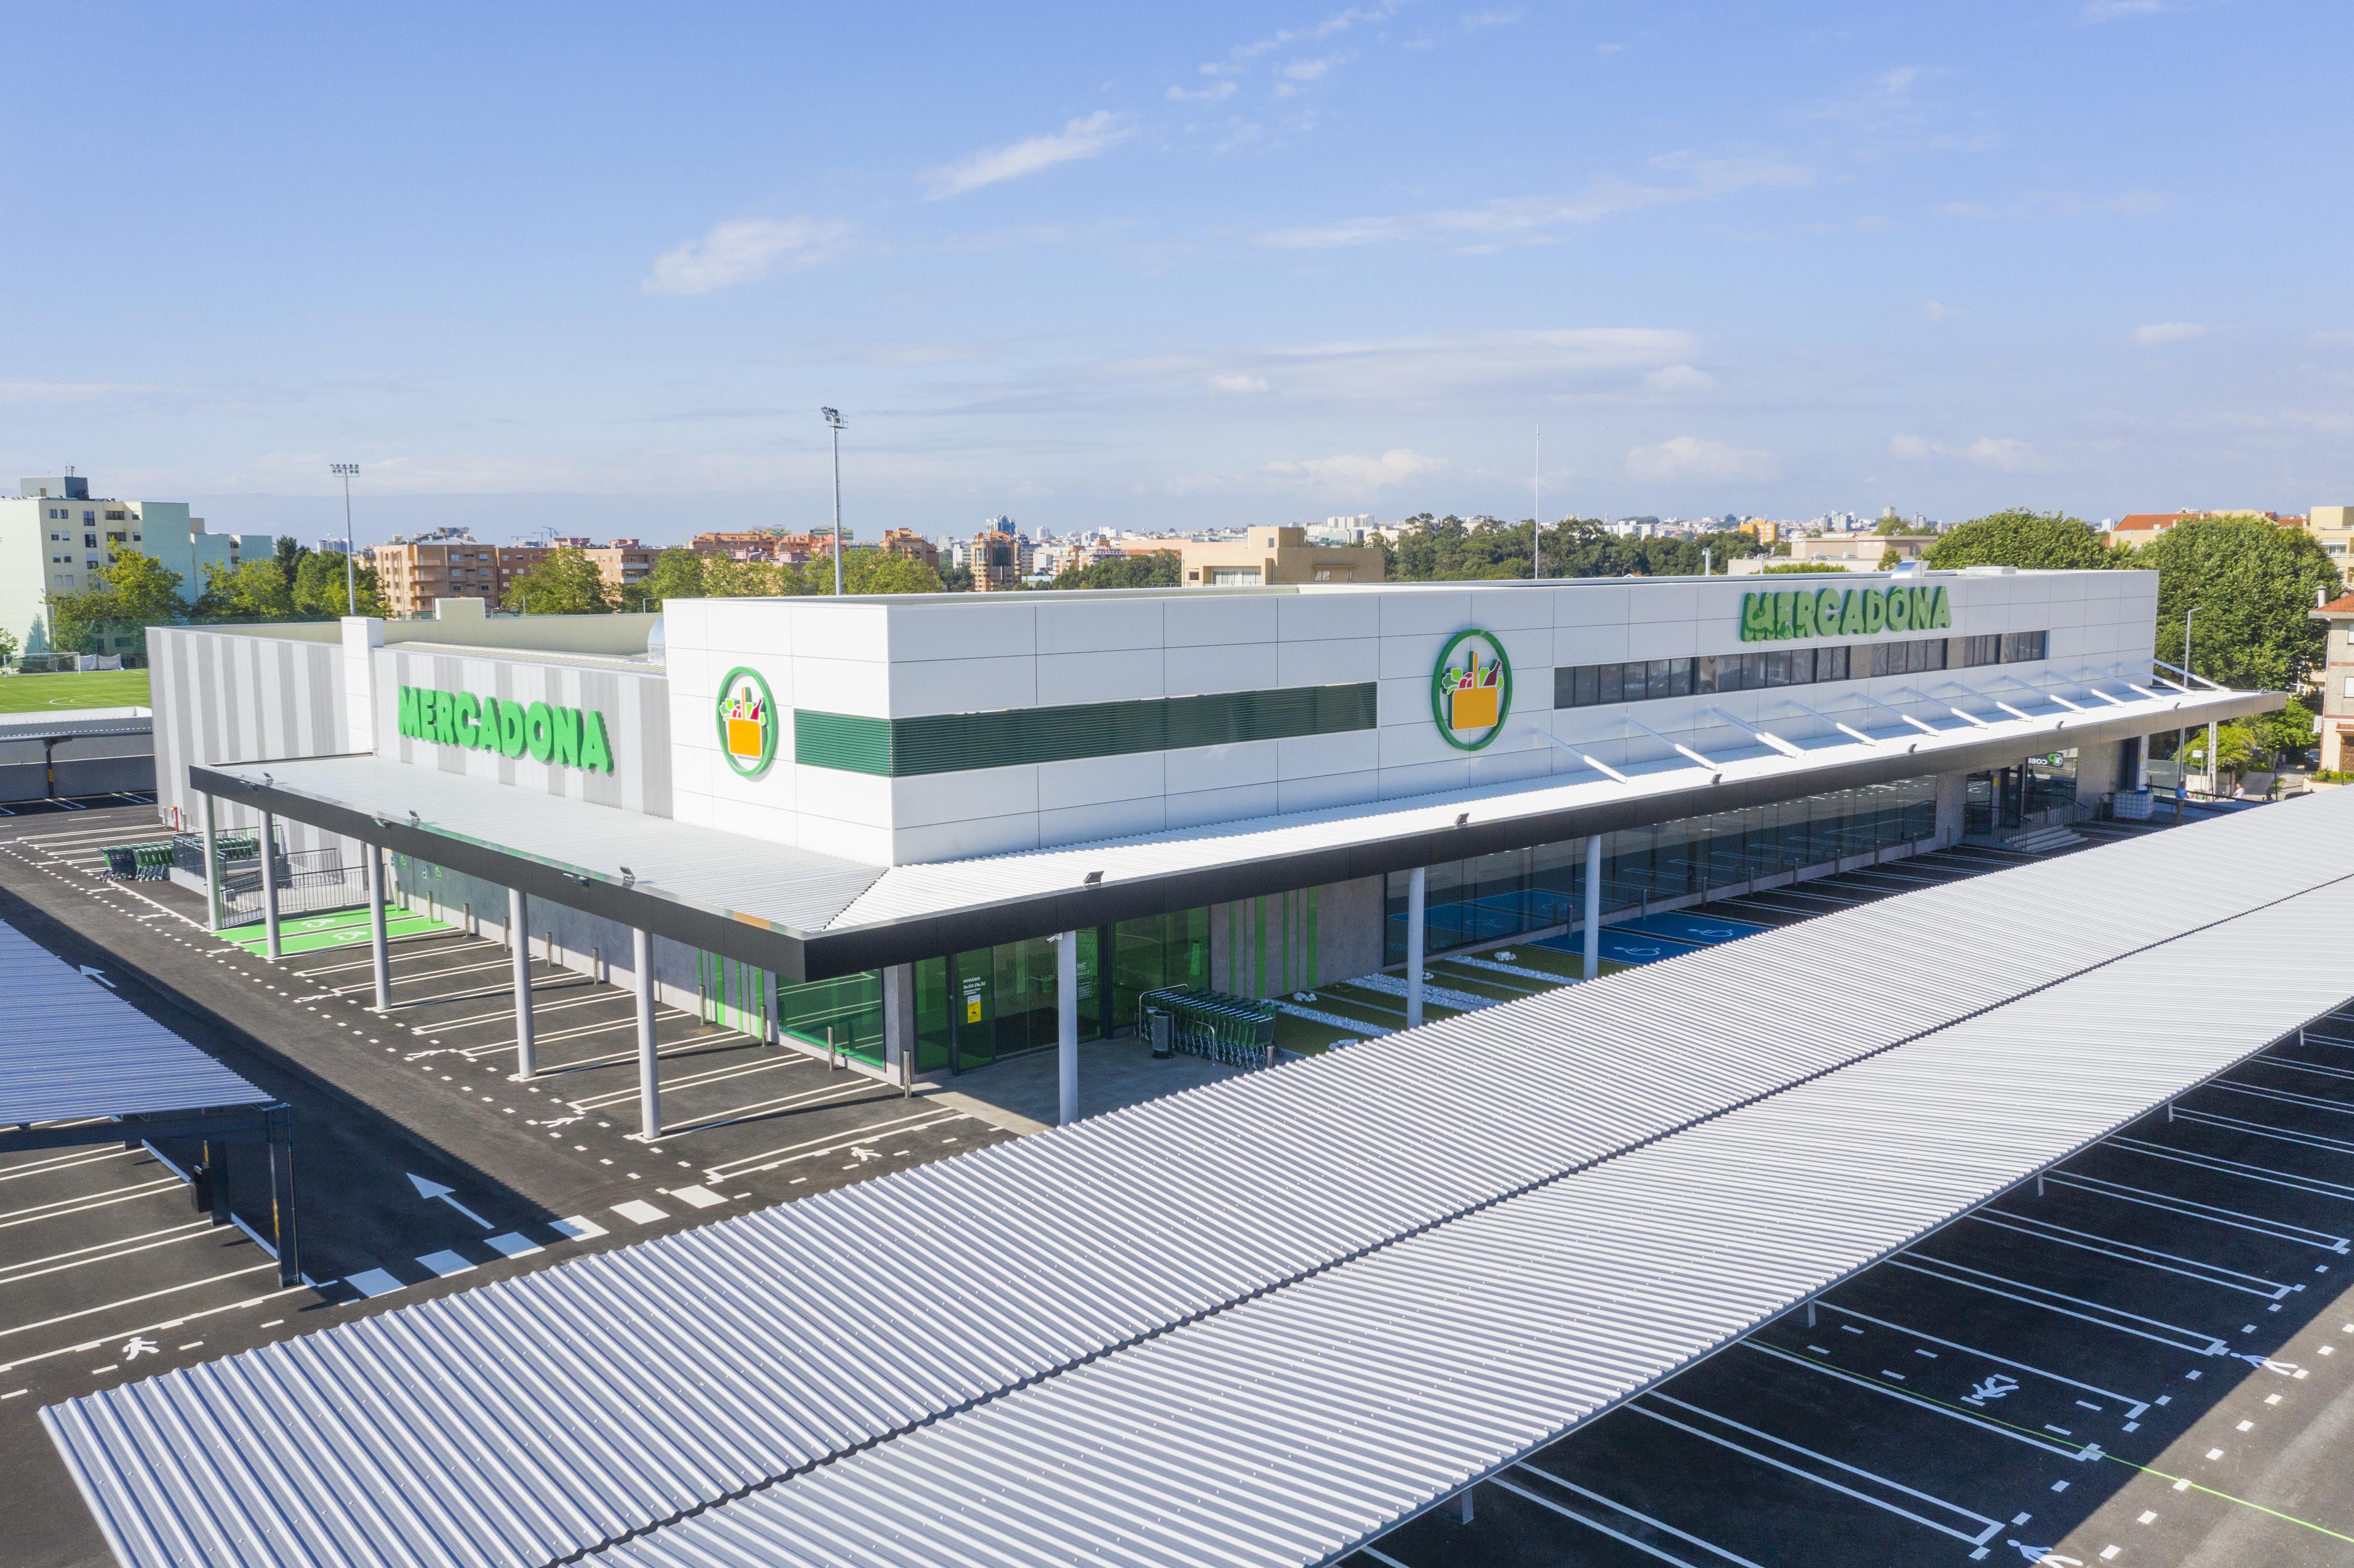 Loja do Canidelo, a primeira da cadeia espanhola em Portugal, abre hoje as portas. / Mercadona